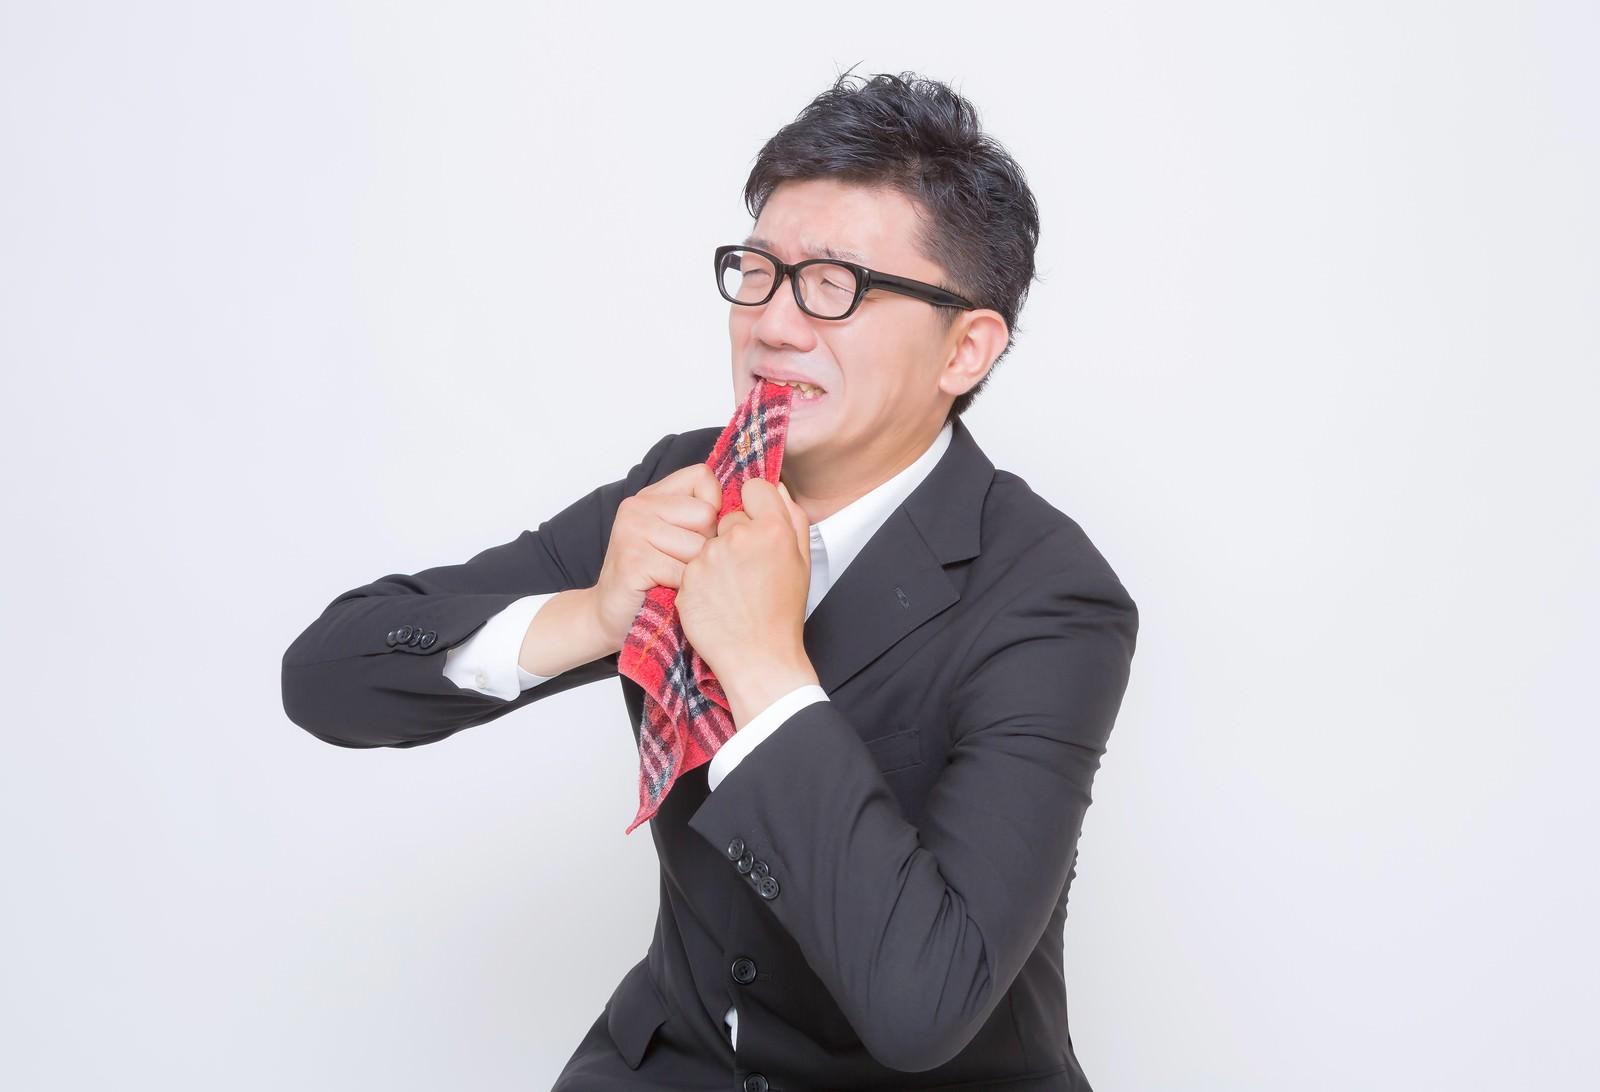 「ハンカチ噛んで全力で悔しがるサラリーマン」の写真[モデル:OZPA]